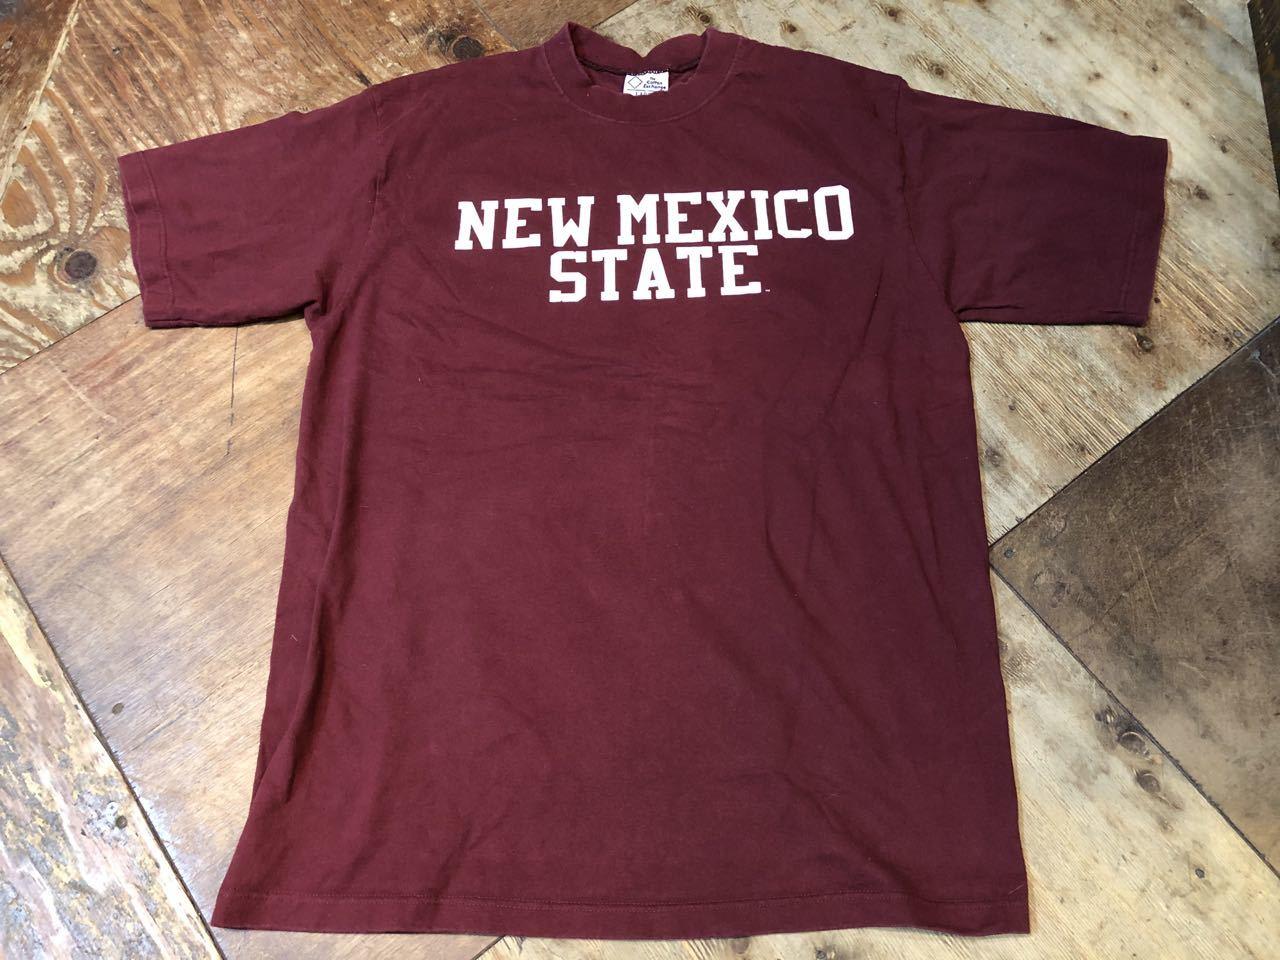 5/30(土)入荷! 90s  The cotton Exchange  NEW MEXICO STATE all cotton  Tシャツ!Made in U.S.A!_c0144020_13570723.jpg